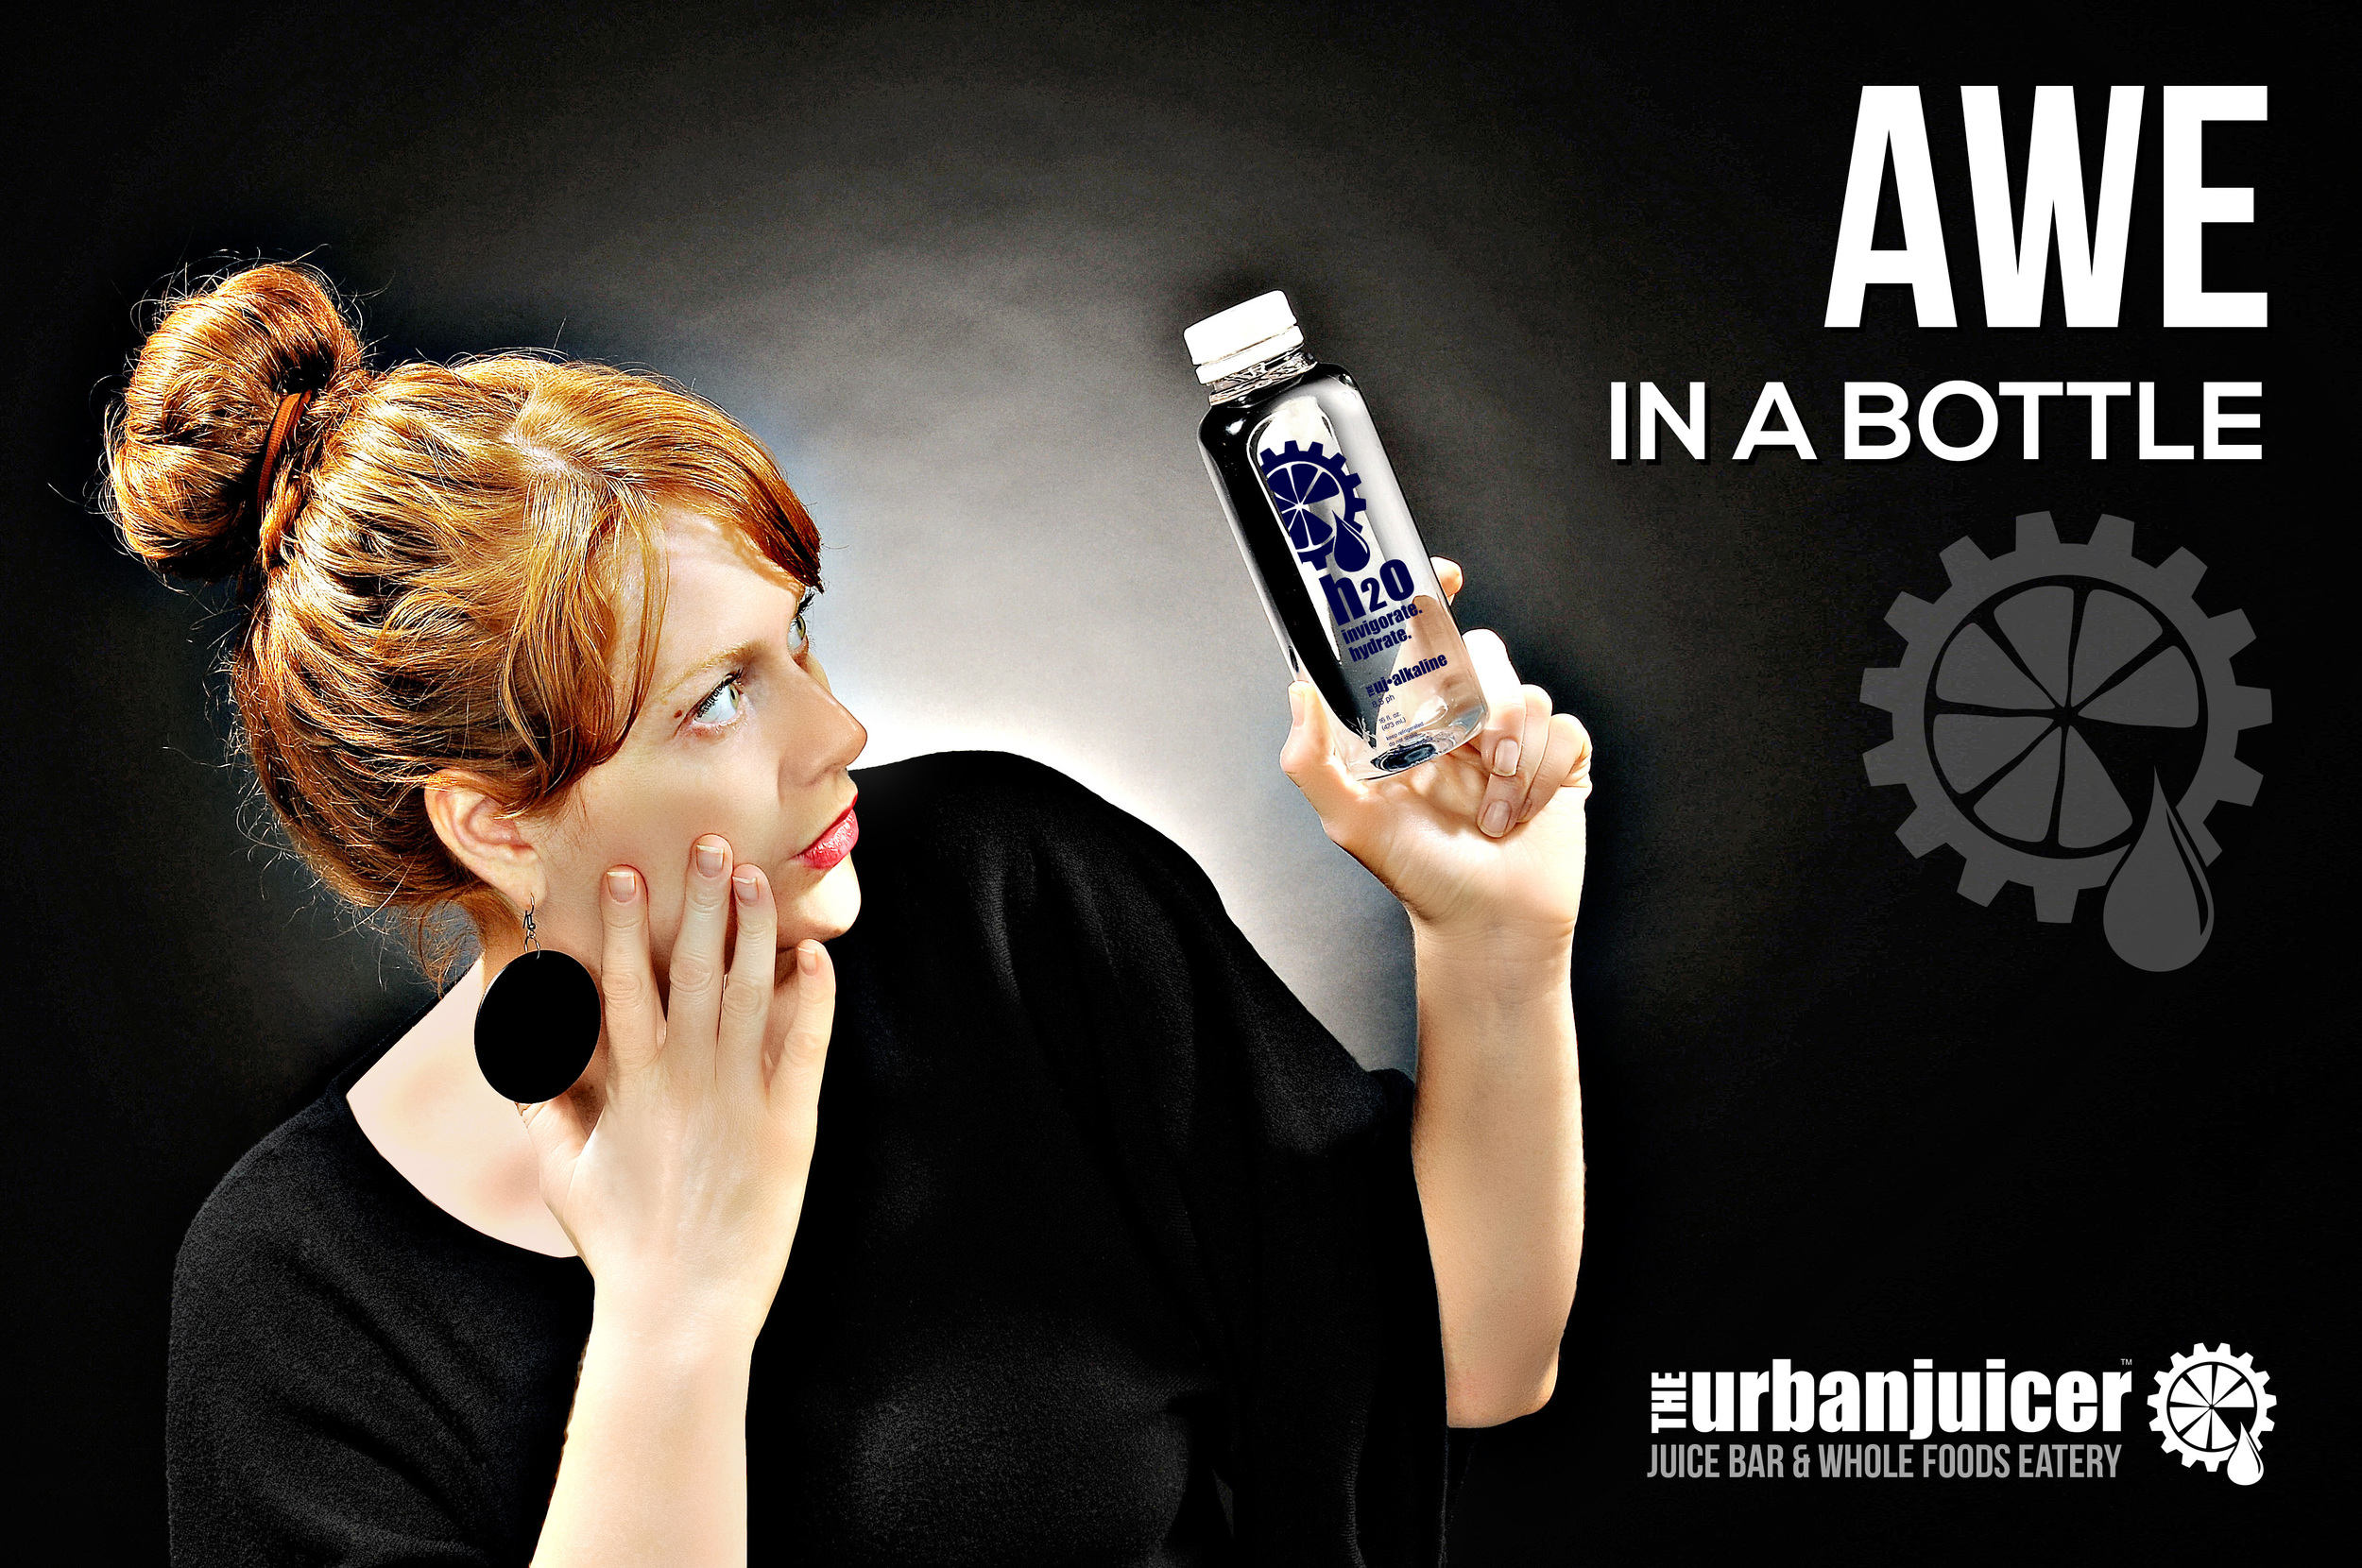 Nora-UJ-Alkaline-Black-BG-Awe-Bonus-01.jpg